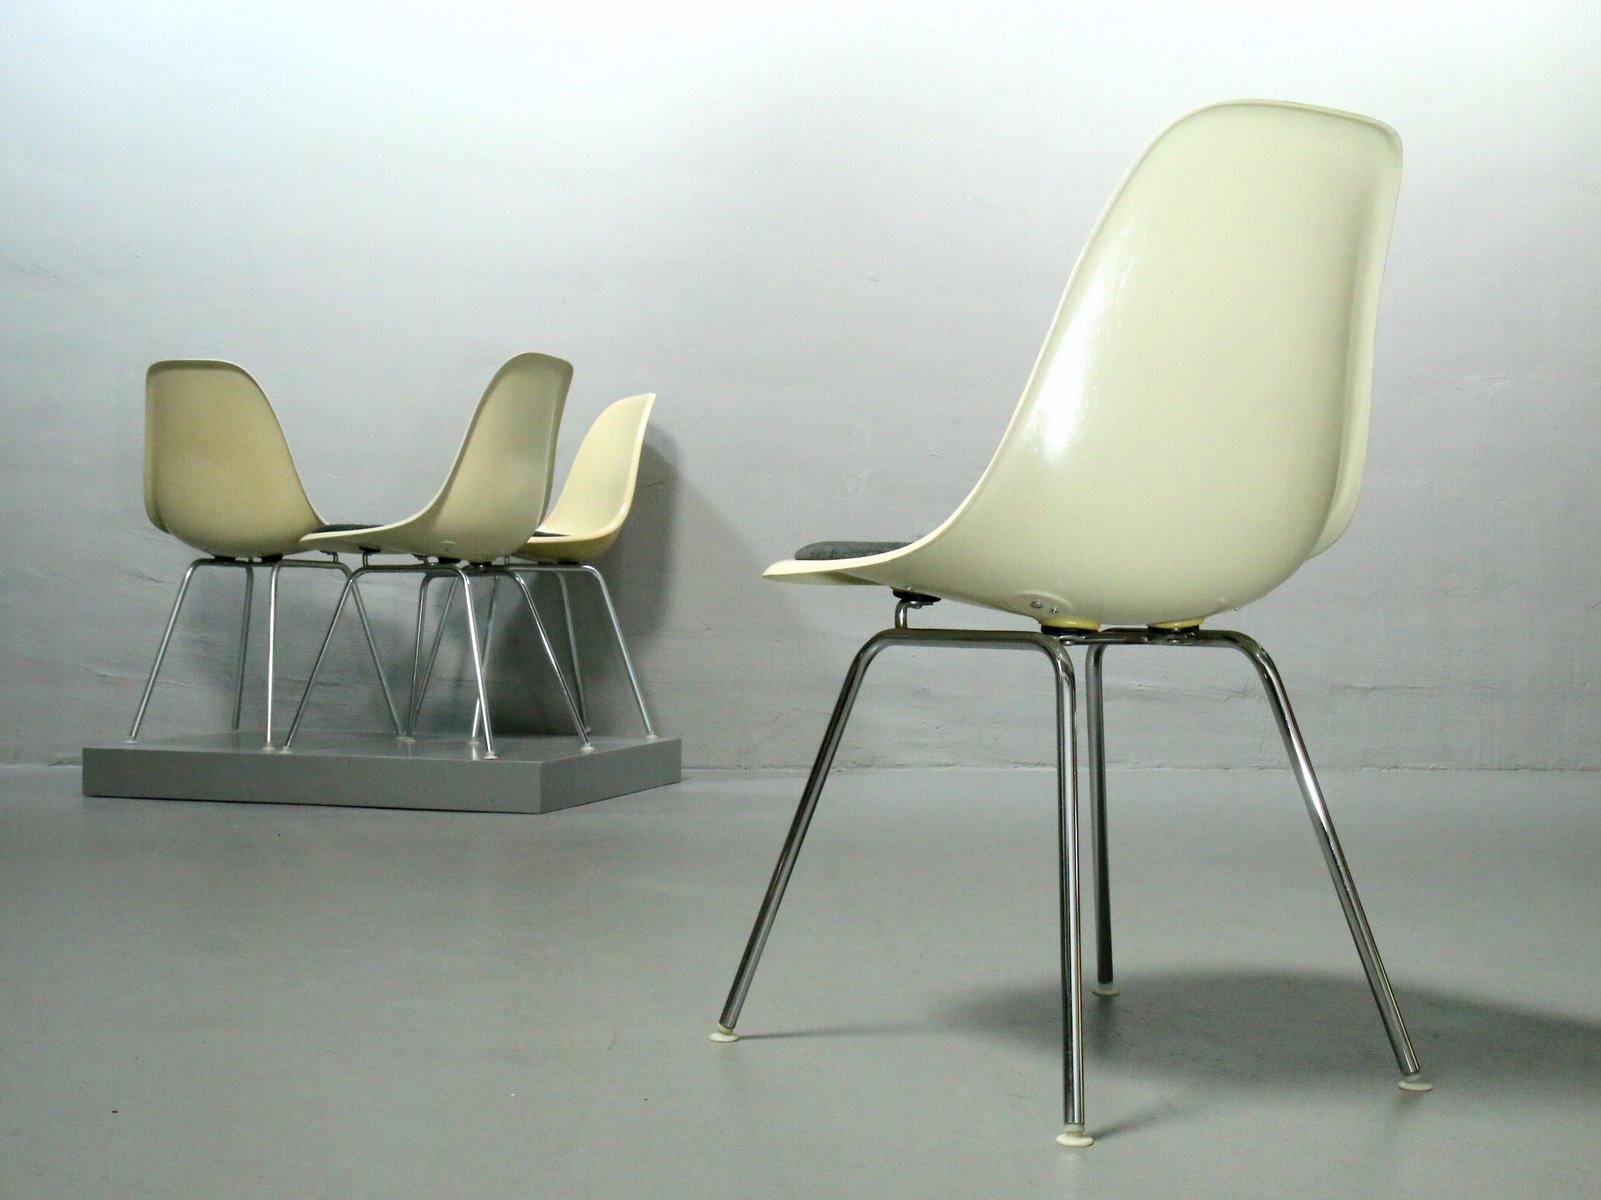 fiberglas st hle mit h gestellen von charles ray eames f r vitra 1970er 4er set 1980er bei. Black Bedroom Furniture Sets. Home Design Ideas